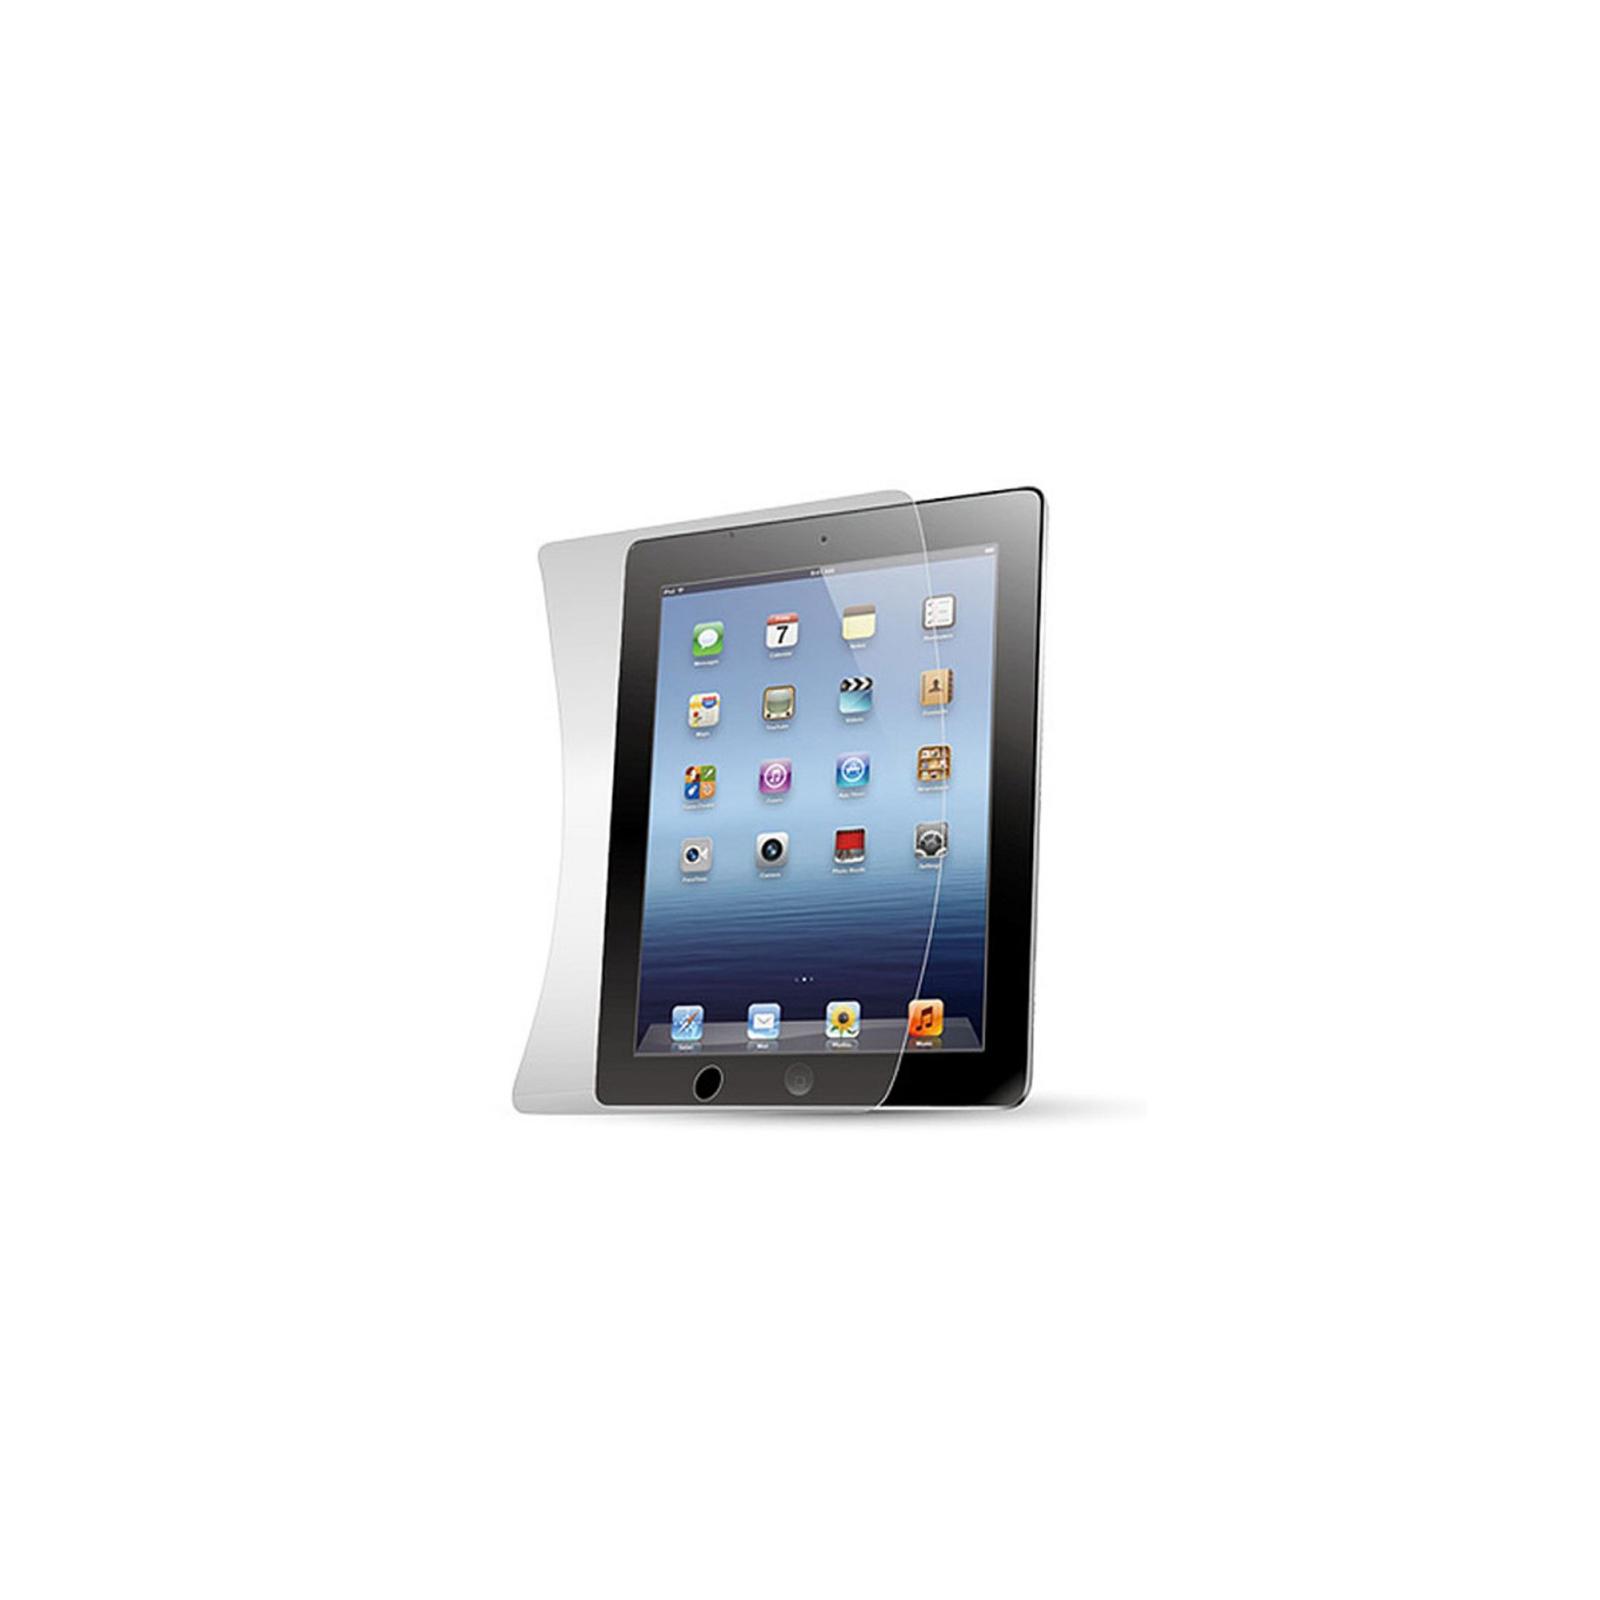 Пленка защитная JCPAL iWoda Premium для iPad 4 (Anti-Glare) (JCP1034) изображение 3